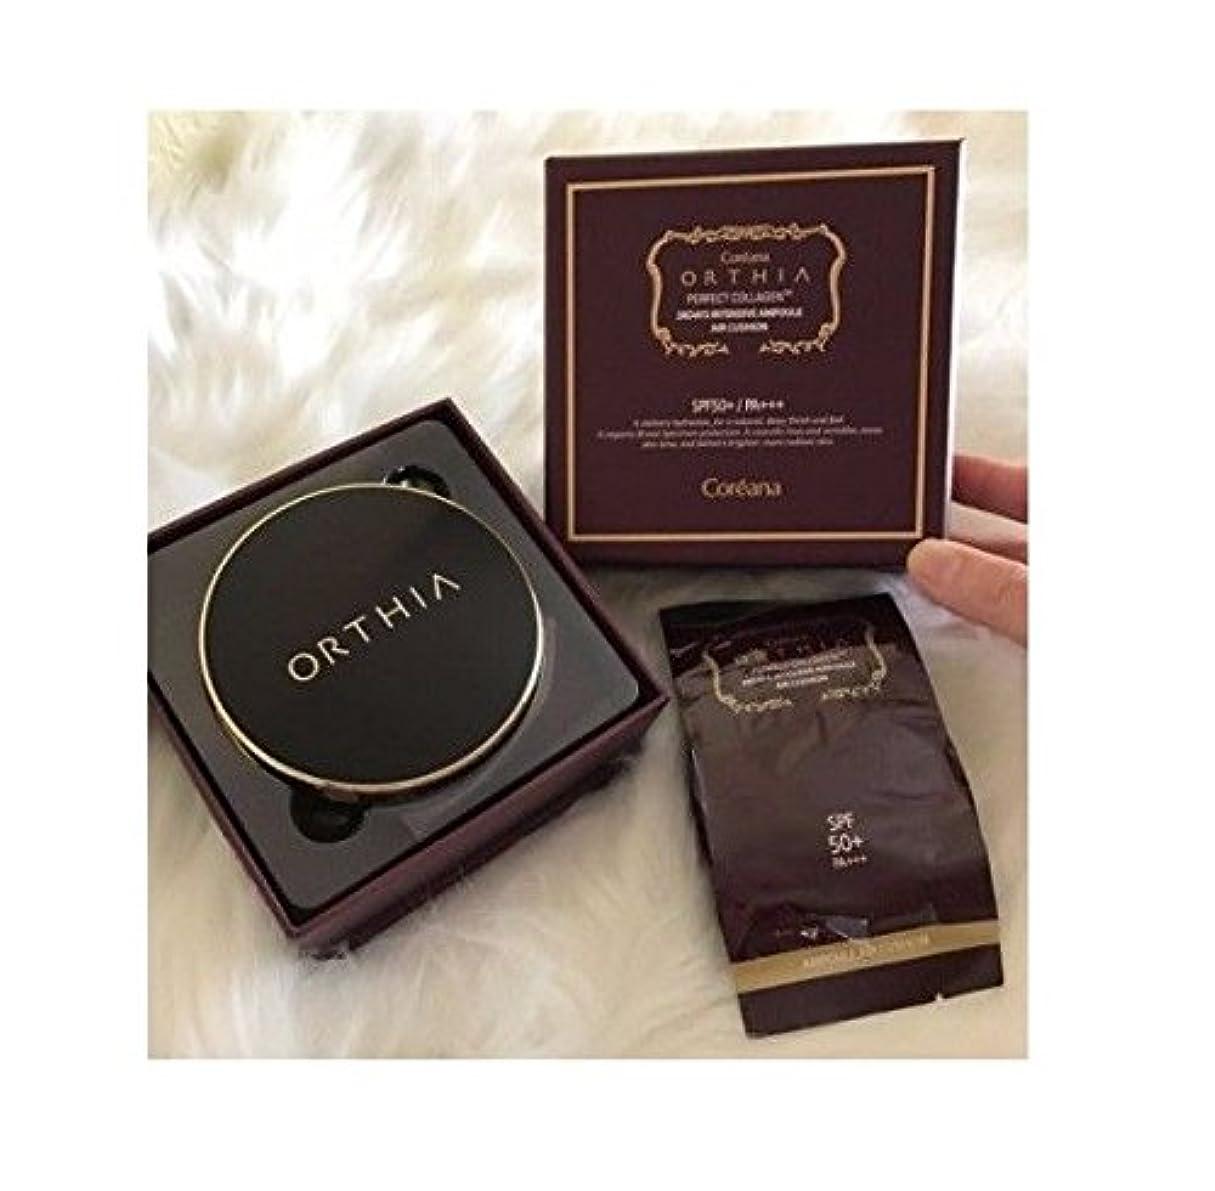 通常小売従うCoreana Orthia Perfect Collagen 28days Intensive Air Cushion SPF50+/PA+++(15g + Refill 15g)/Korea Cosmetics